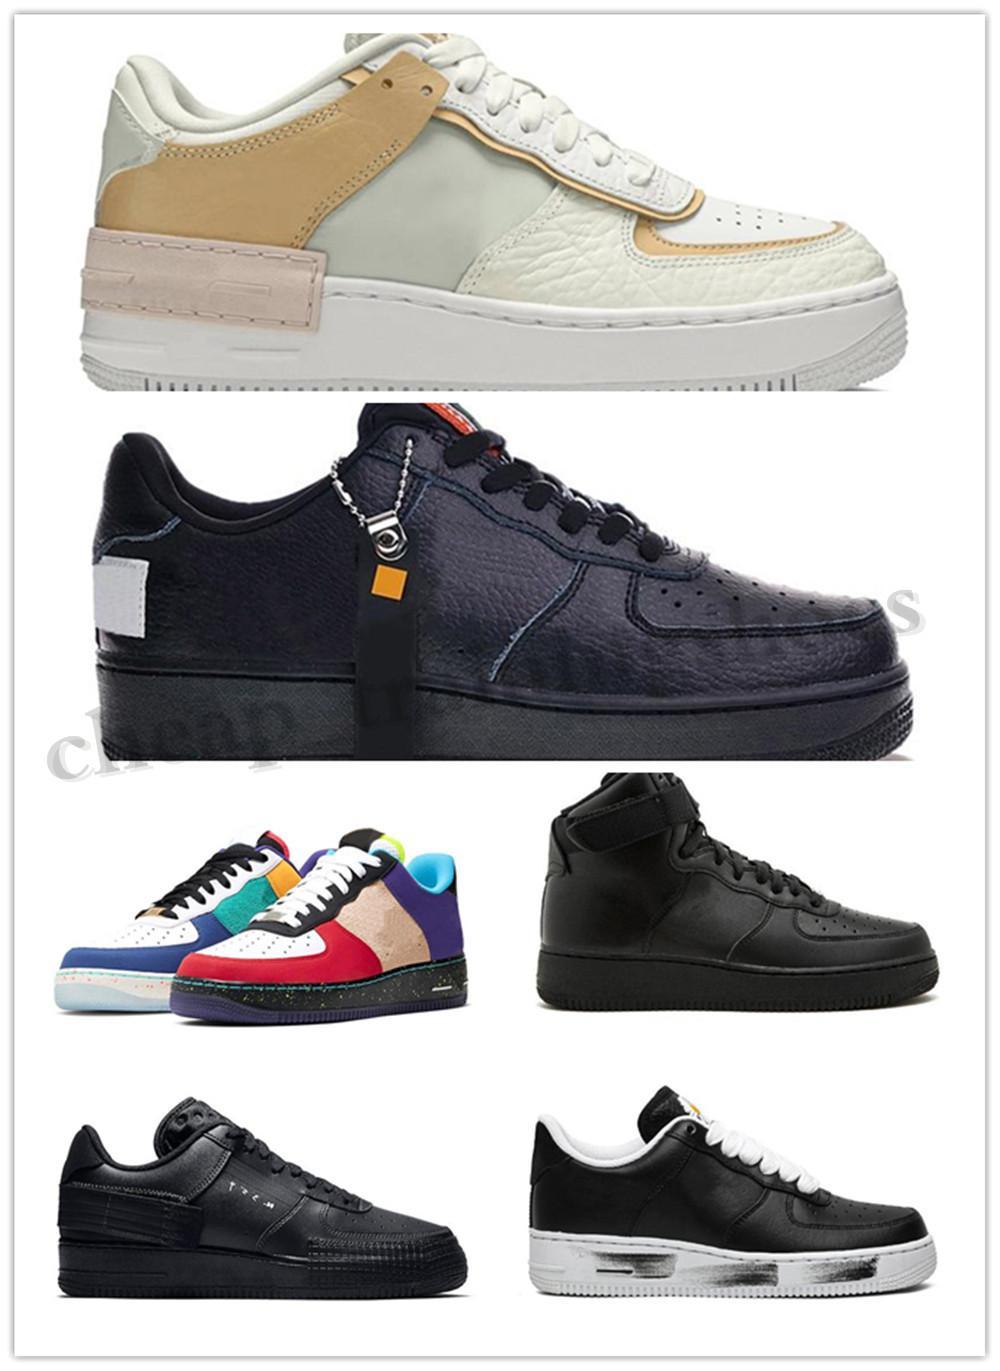 Nike air force 1 af1 n354 Dunks boylu erkekler kadınlar düşük siyah beyaz buğday bir ayakkabı tek mens tasarımcı Sports spor ayakkabıları Eğitmenler ayakkabı TO05 womens örgü